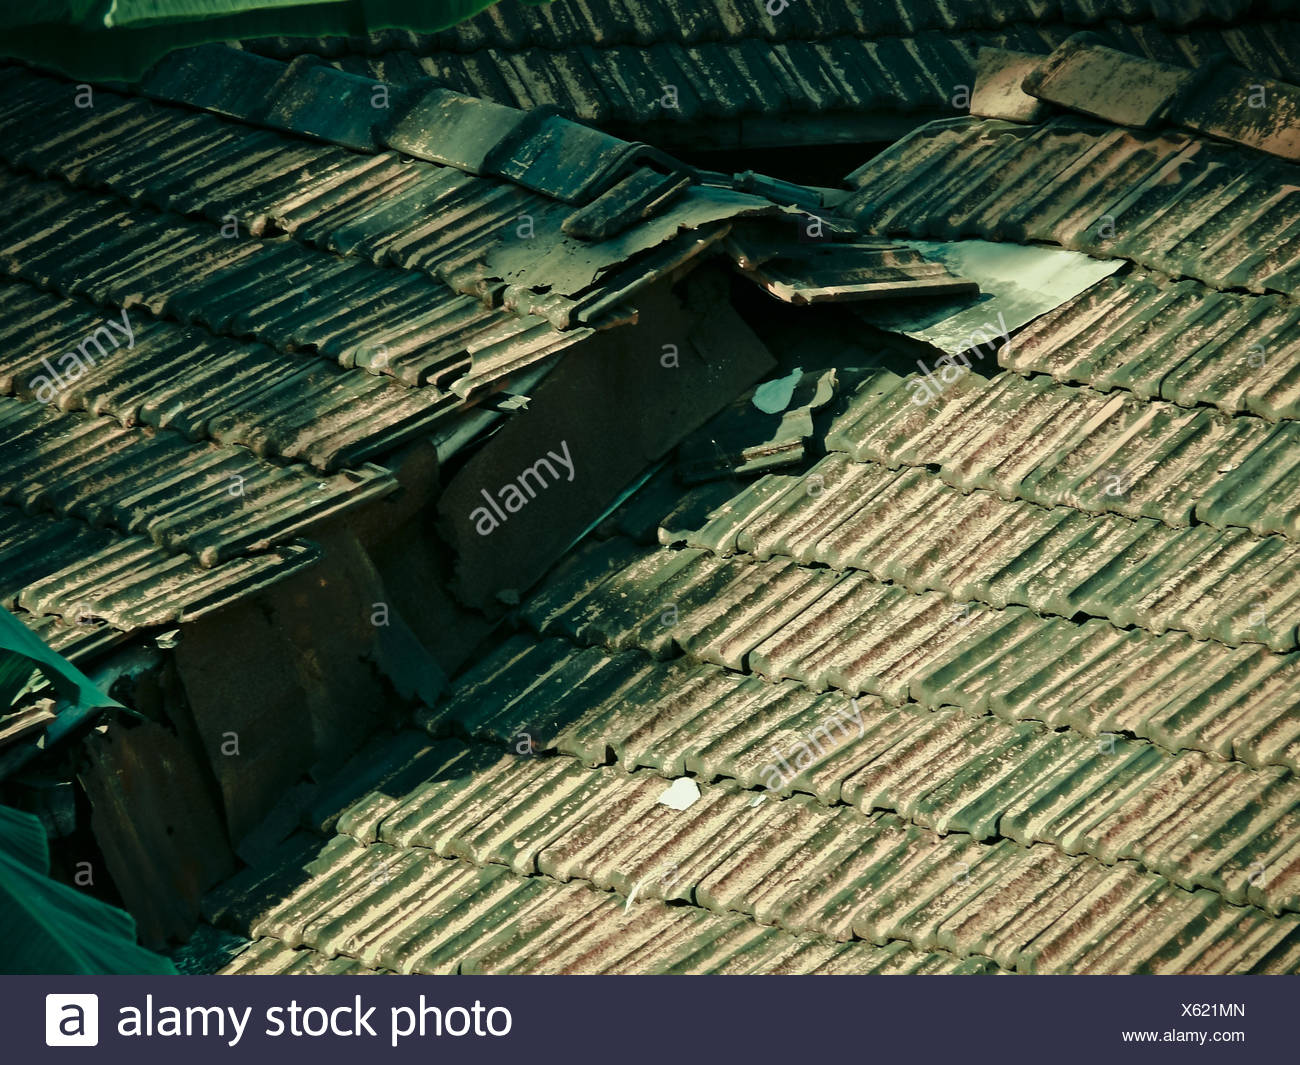 Traditionelle Dachschräge mit Manglori Fliesen gemacht Stockbild